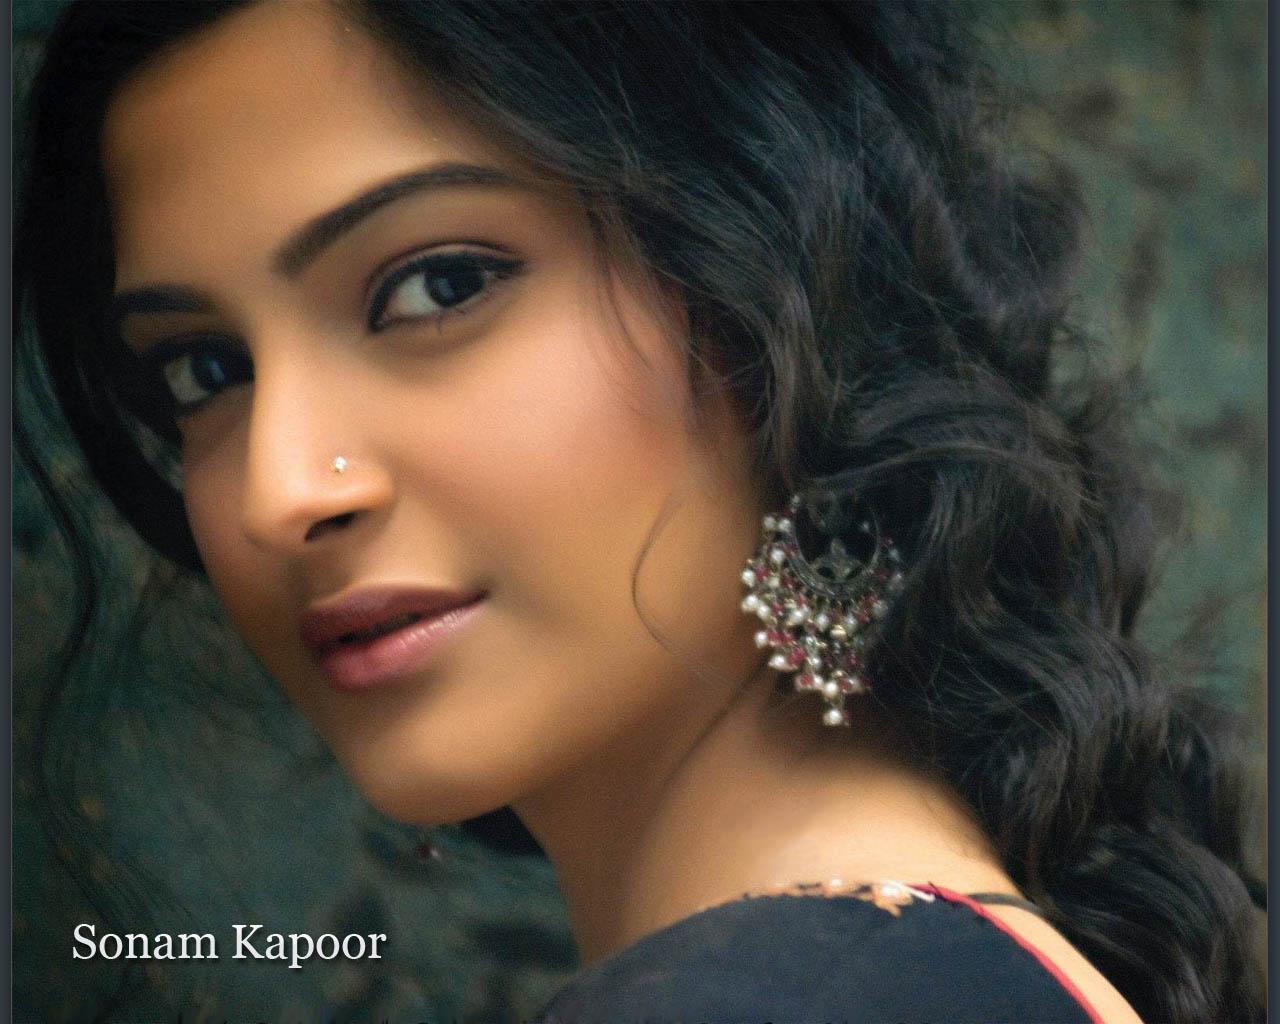 Sonam Kapoor Wallpapers: Sonam Kapoor New Wallpapers